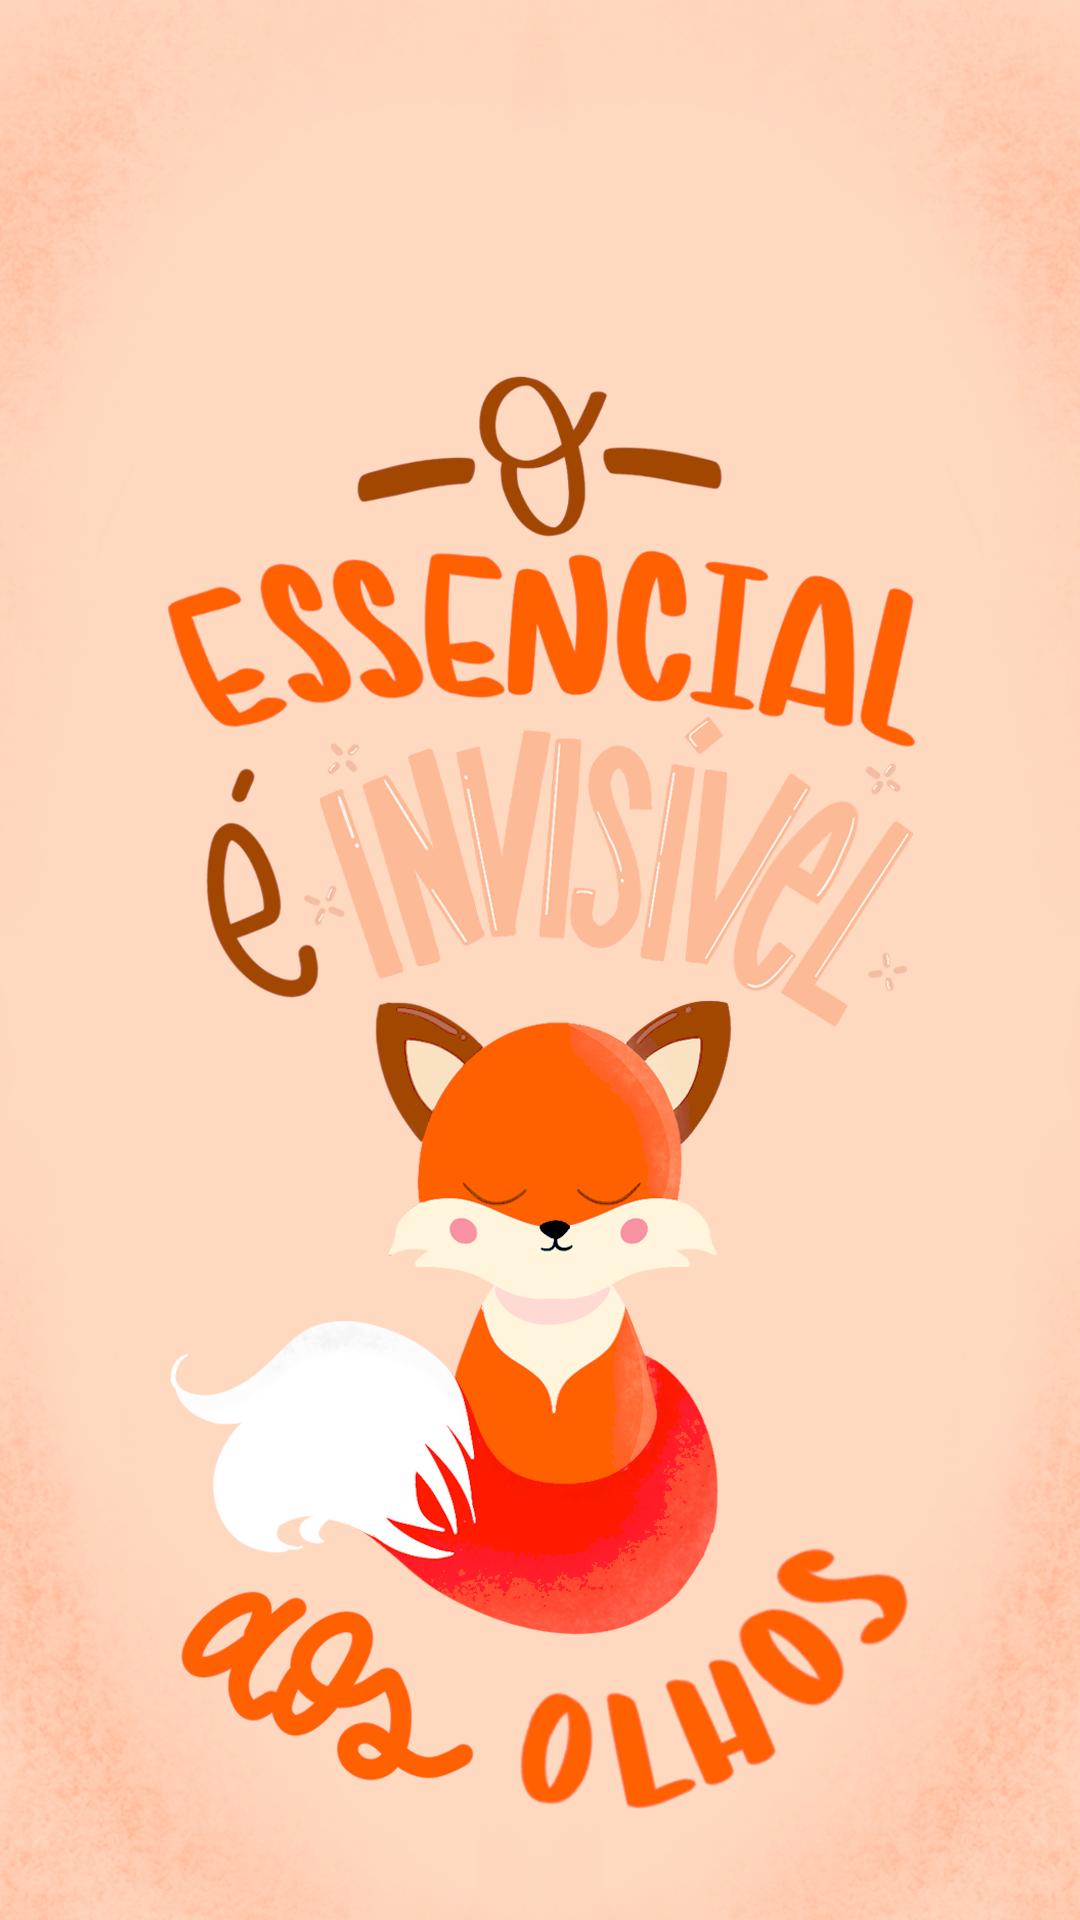 Wallpaper O Essencial É Invisível by Gocase